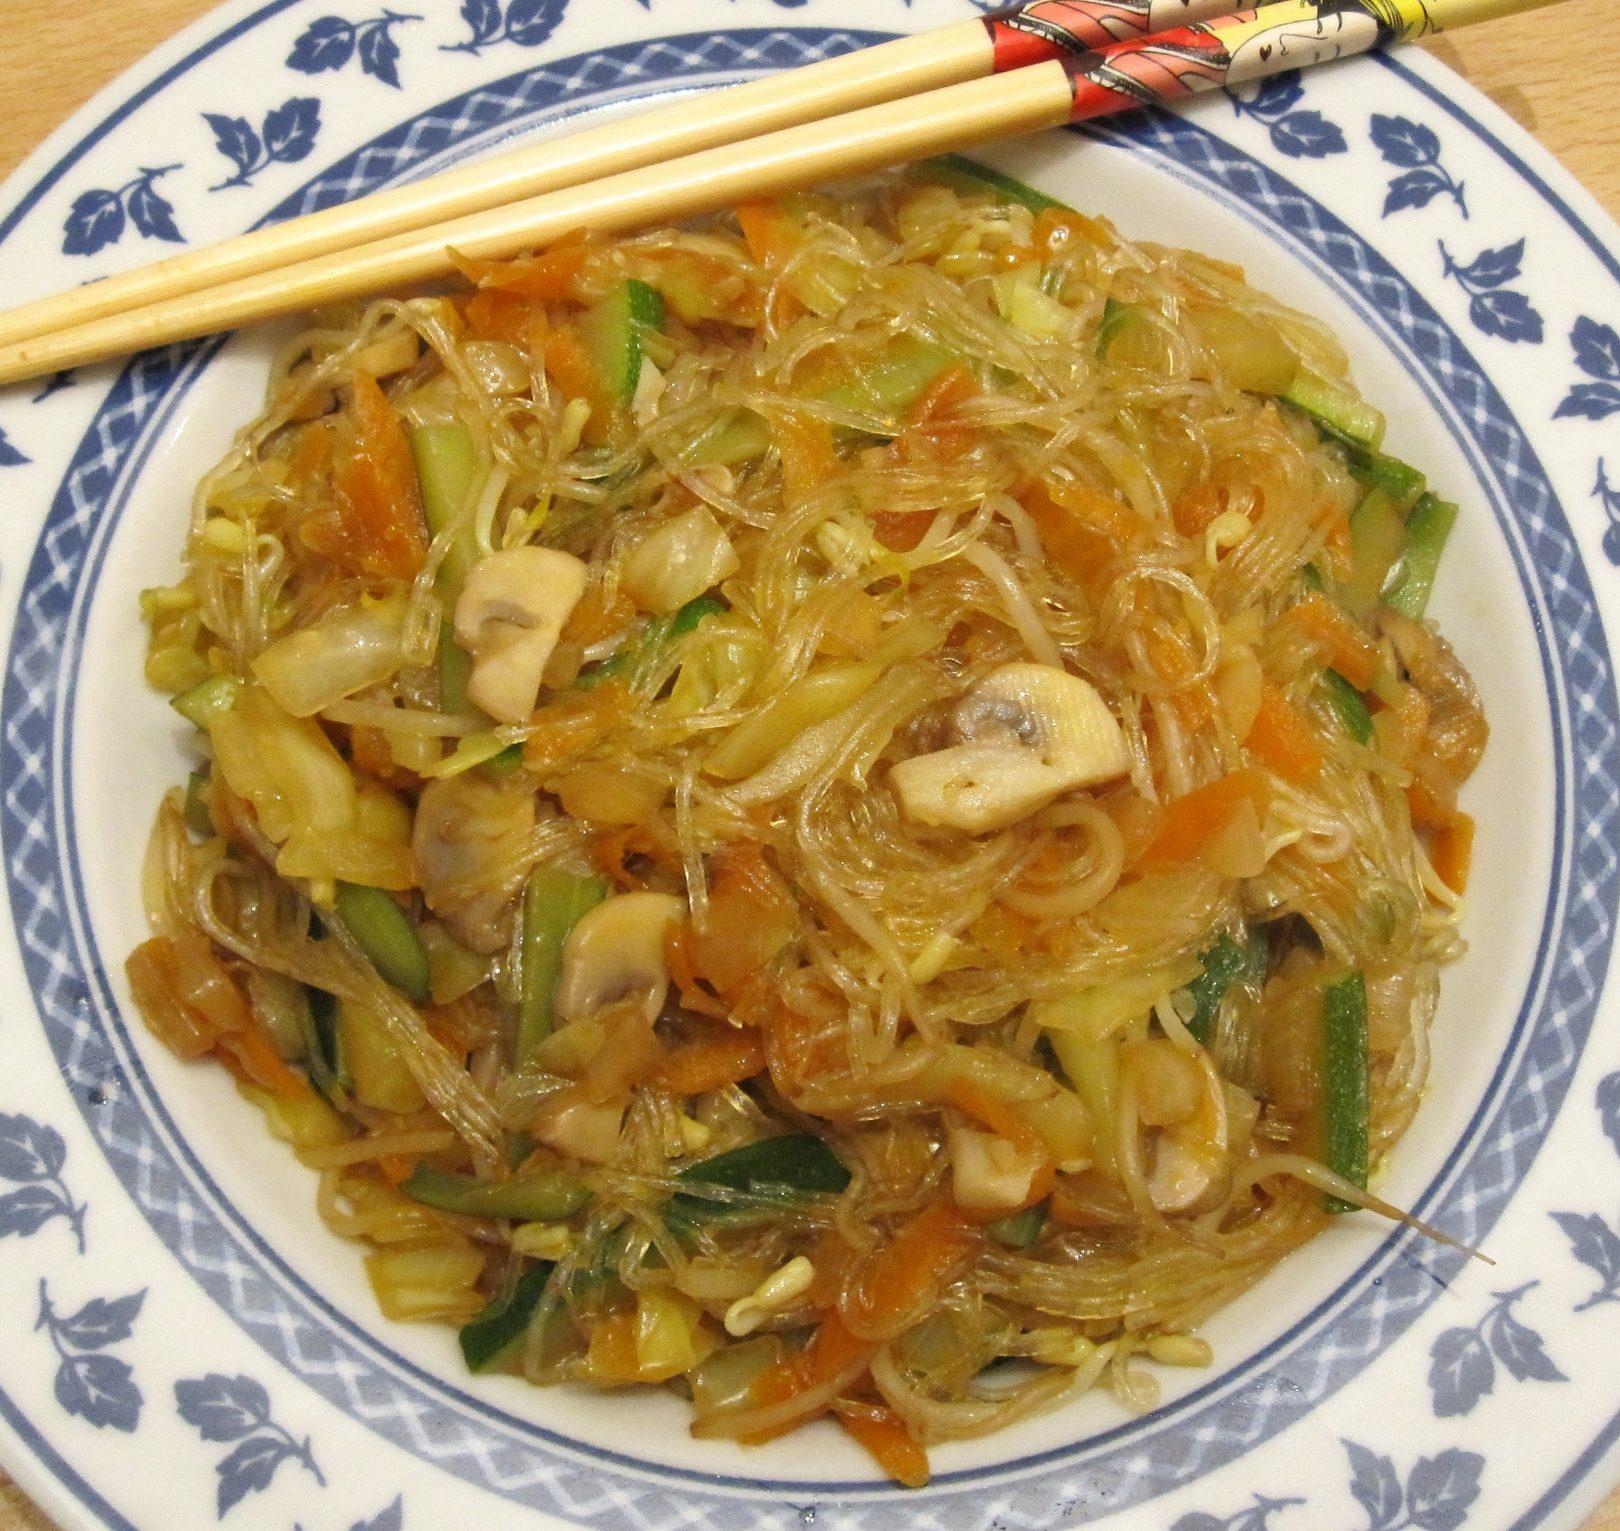 Spaghetti di soia in stile orientale con verdure e germogli